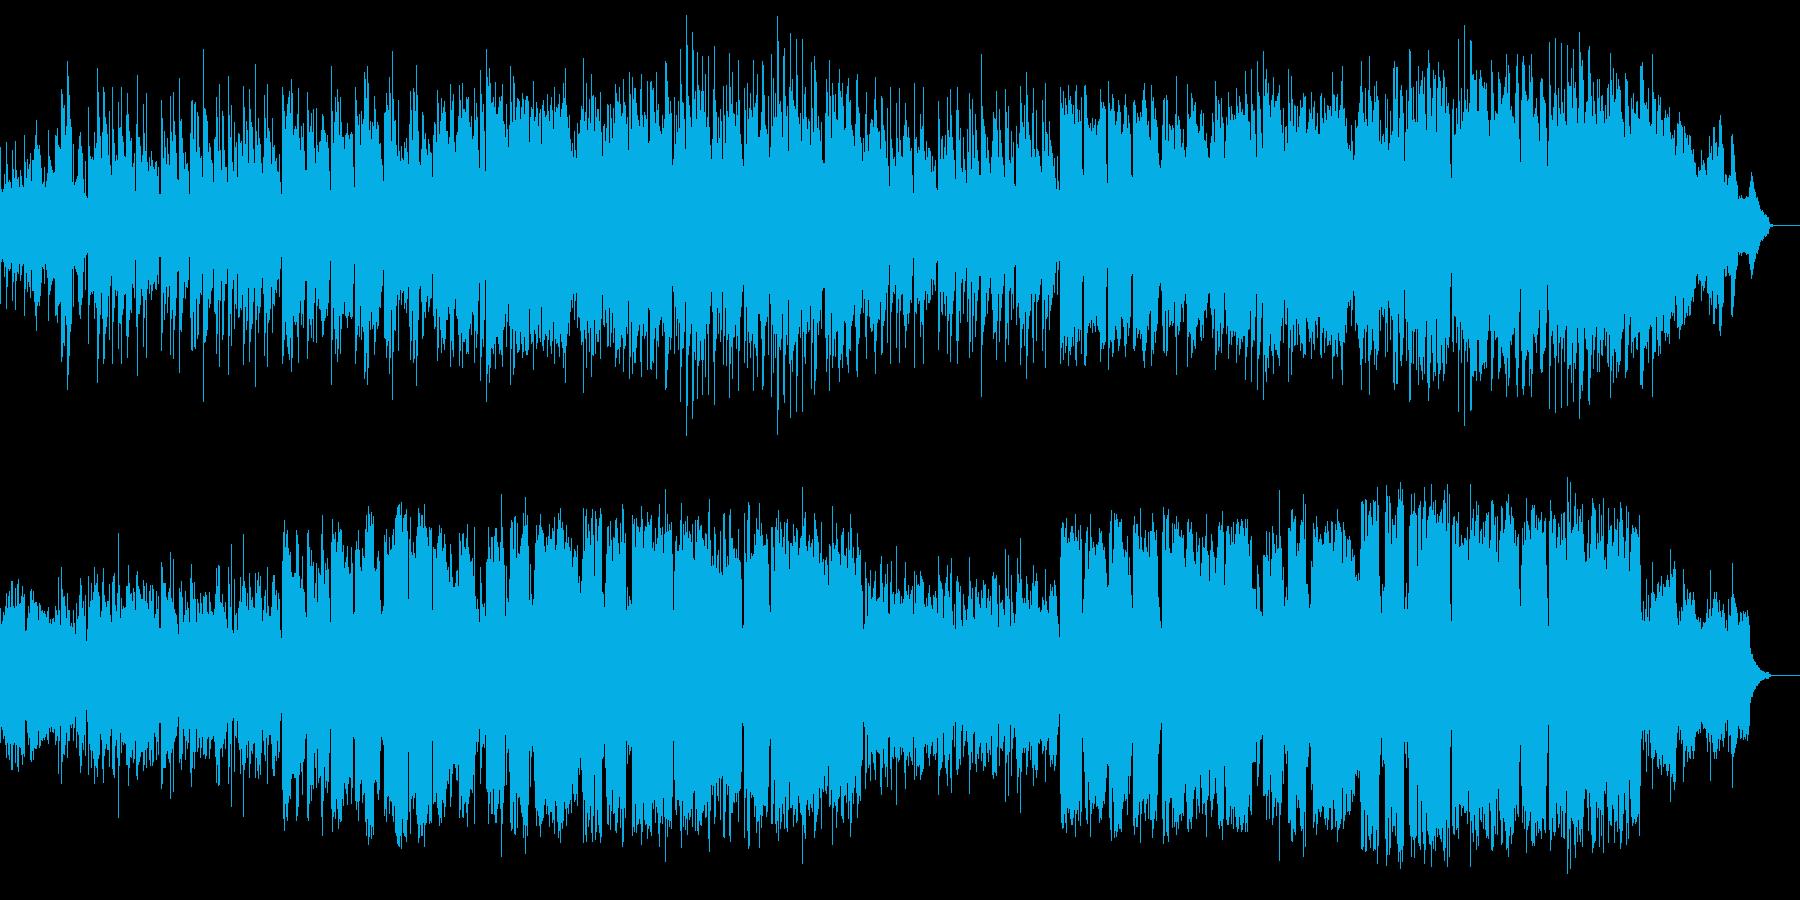 メロディアスでロマンチックなⅩマスソングの再生済みの波形